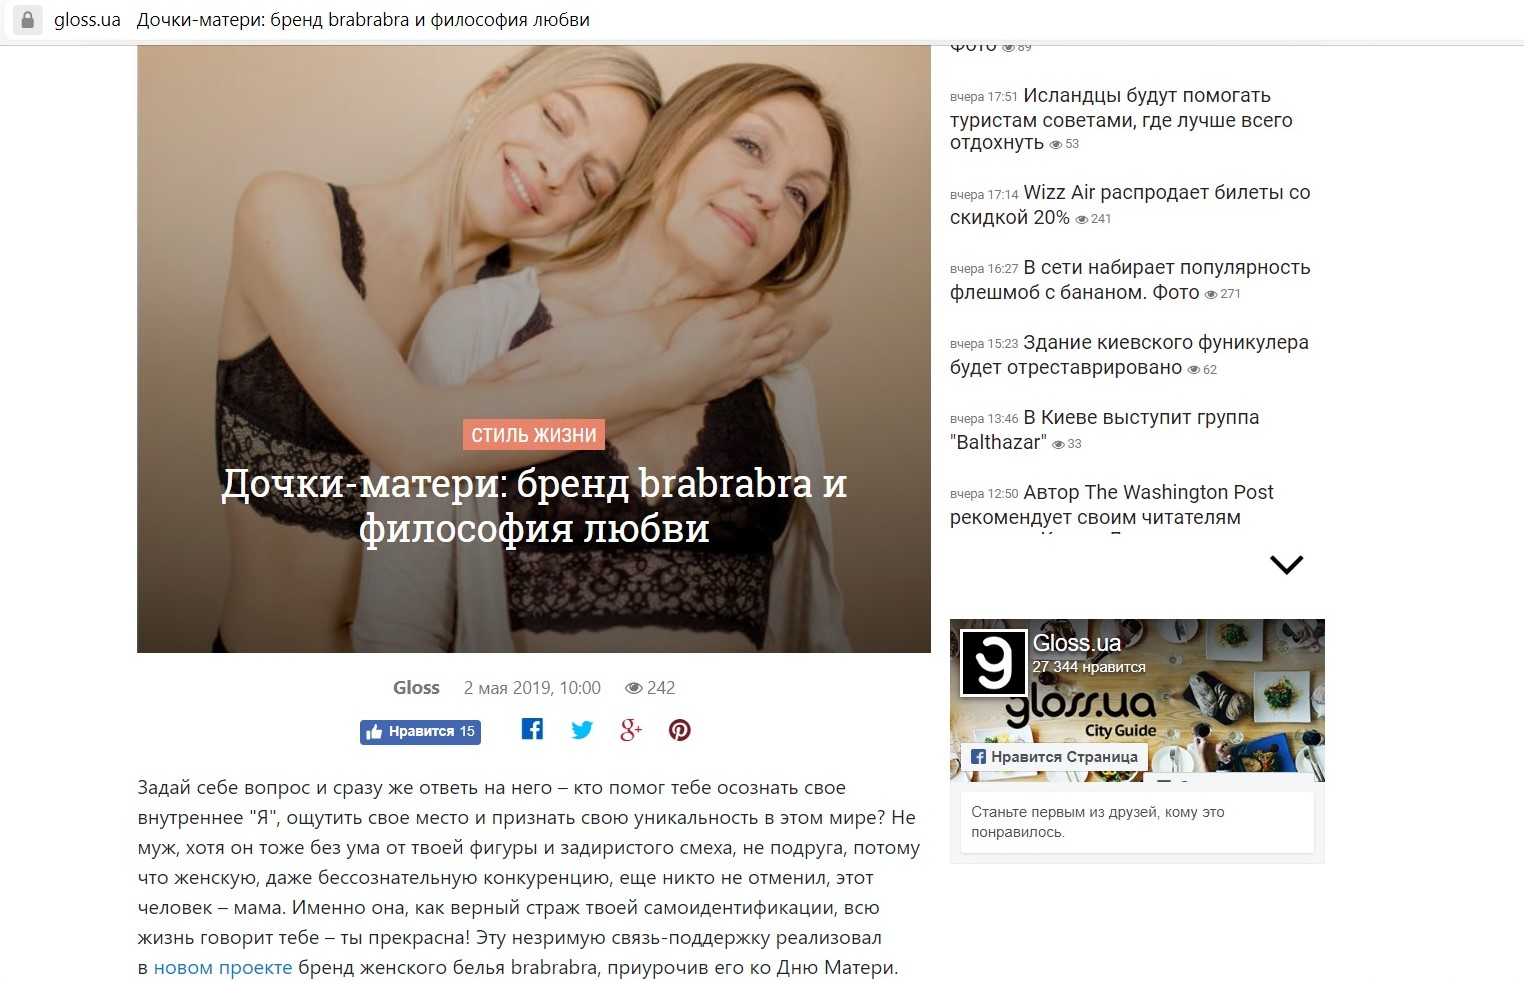 Фото Освещение рекламной кампании бренда brabrabra, текст размещен на крупных новостных ресурсах